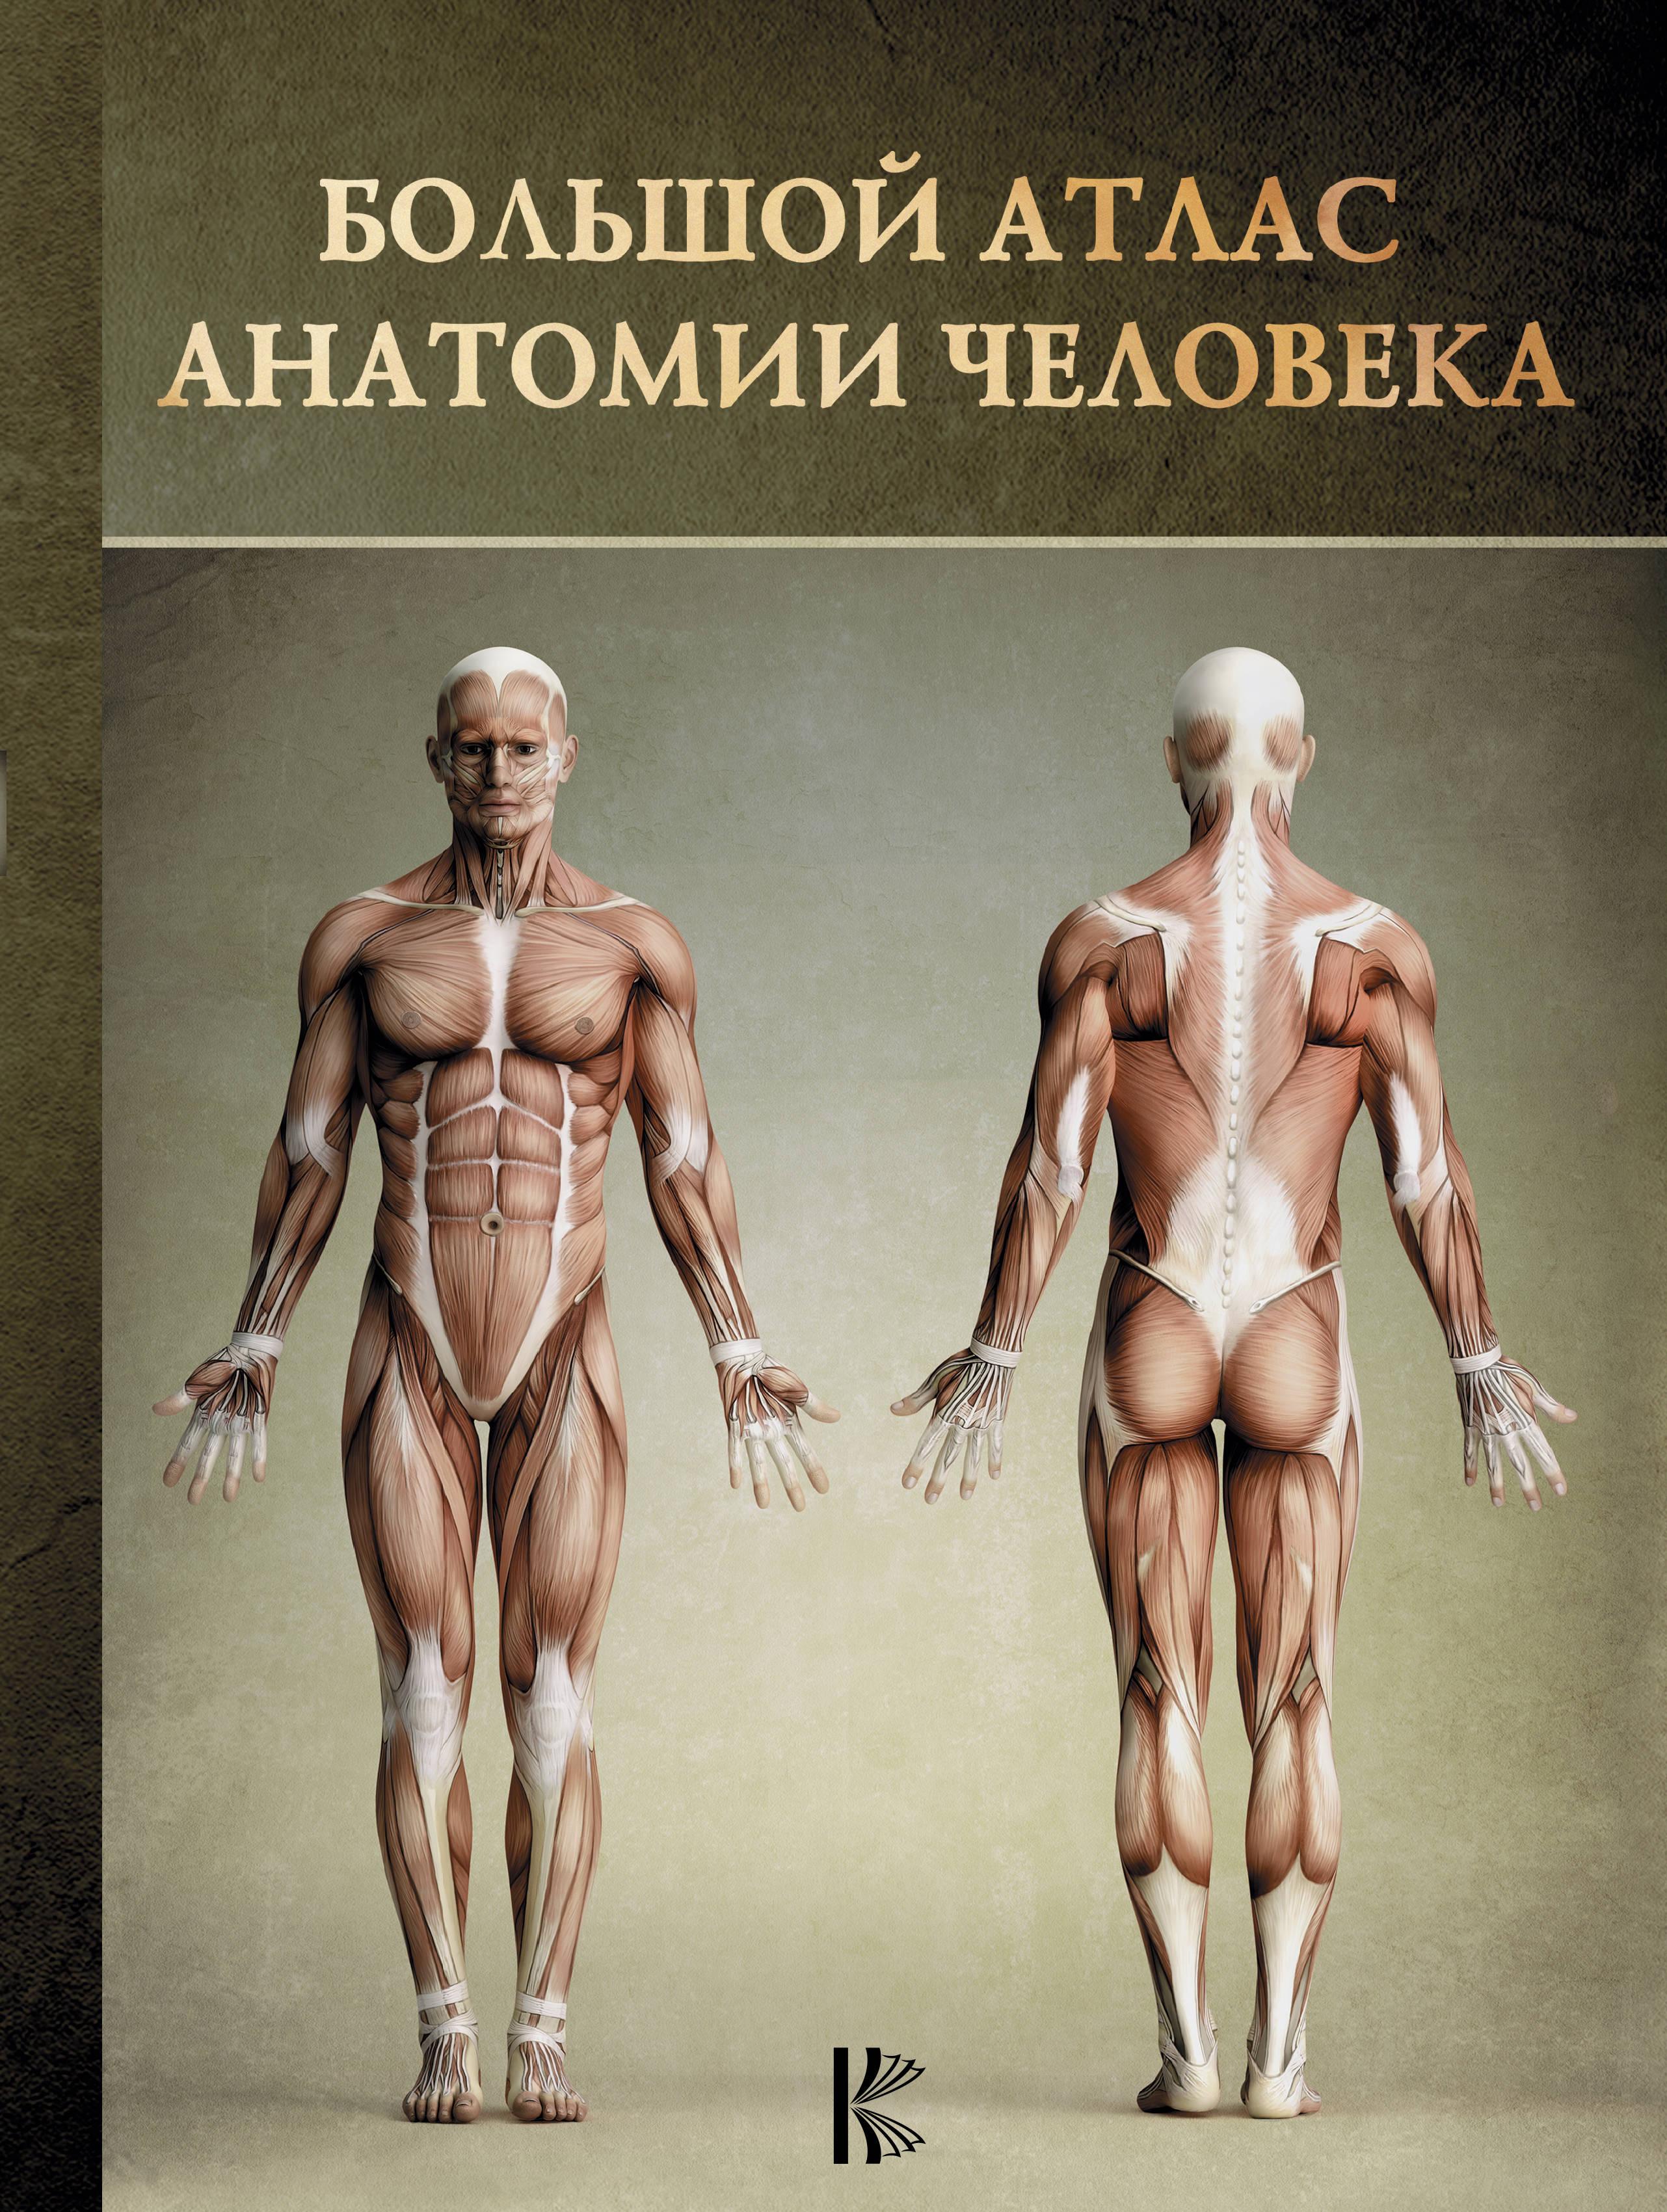 Перез В. Большой атлас анатомии человека система автопуска baumaster at 8560x